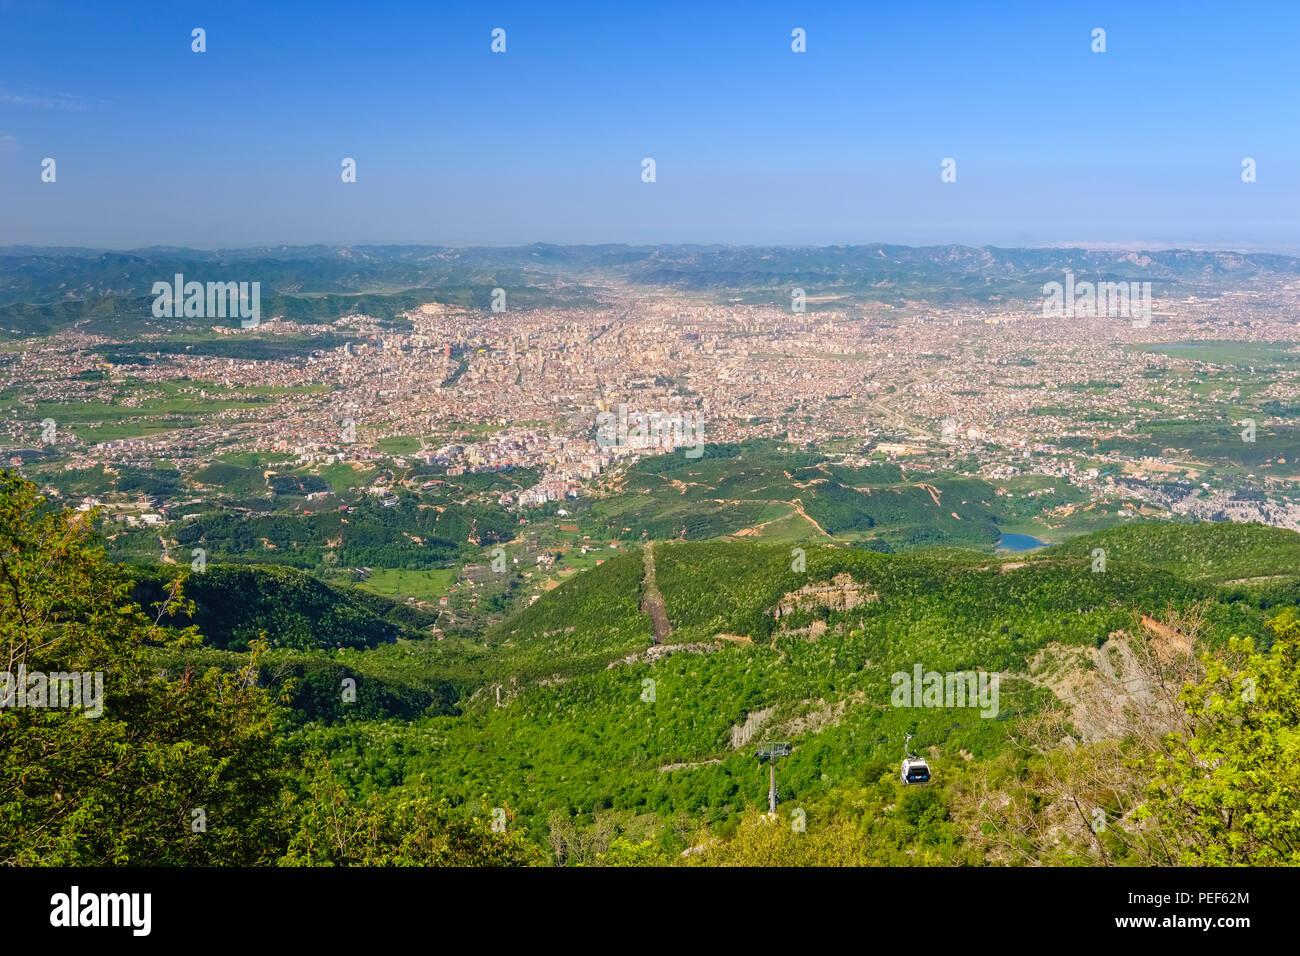 Cable car, view over Tirana from Mount Dajti, National Park Dajti, Qark Tirana, Albania Stock Photo